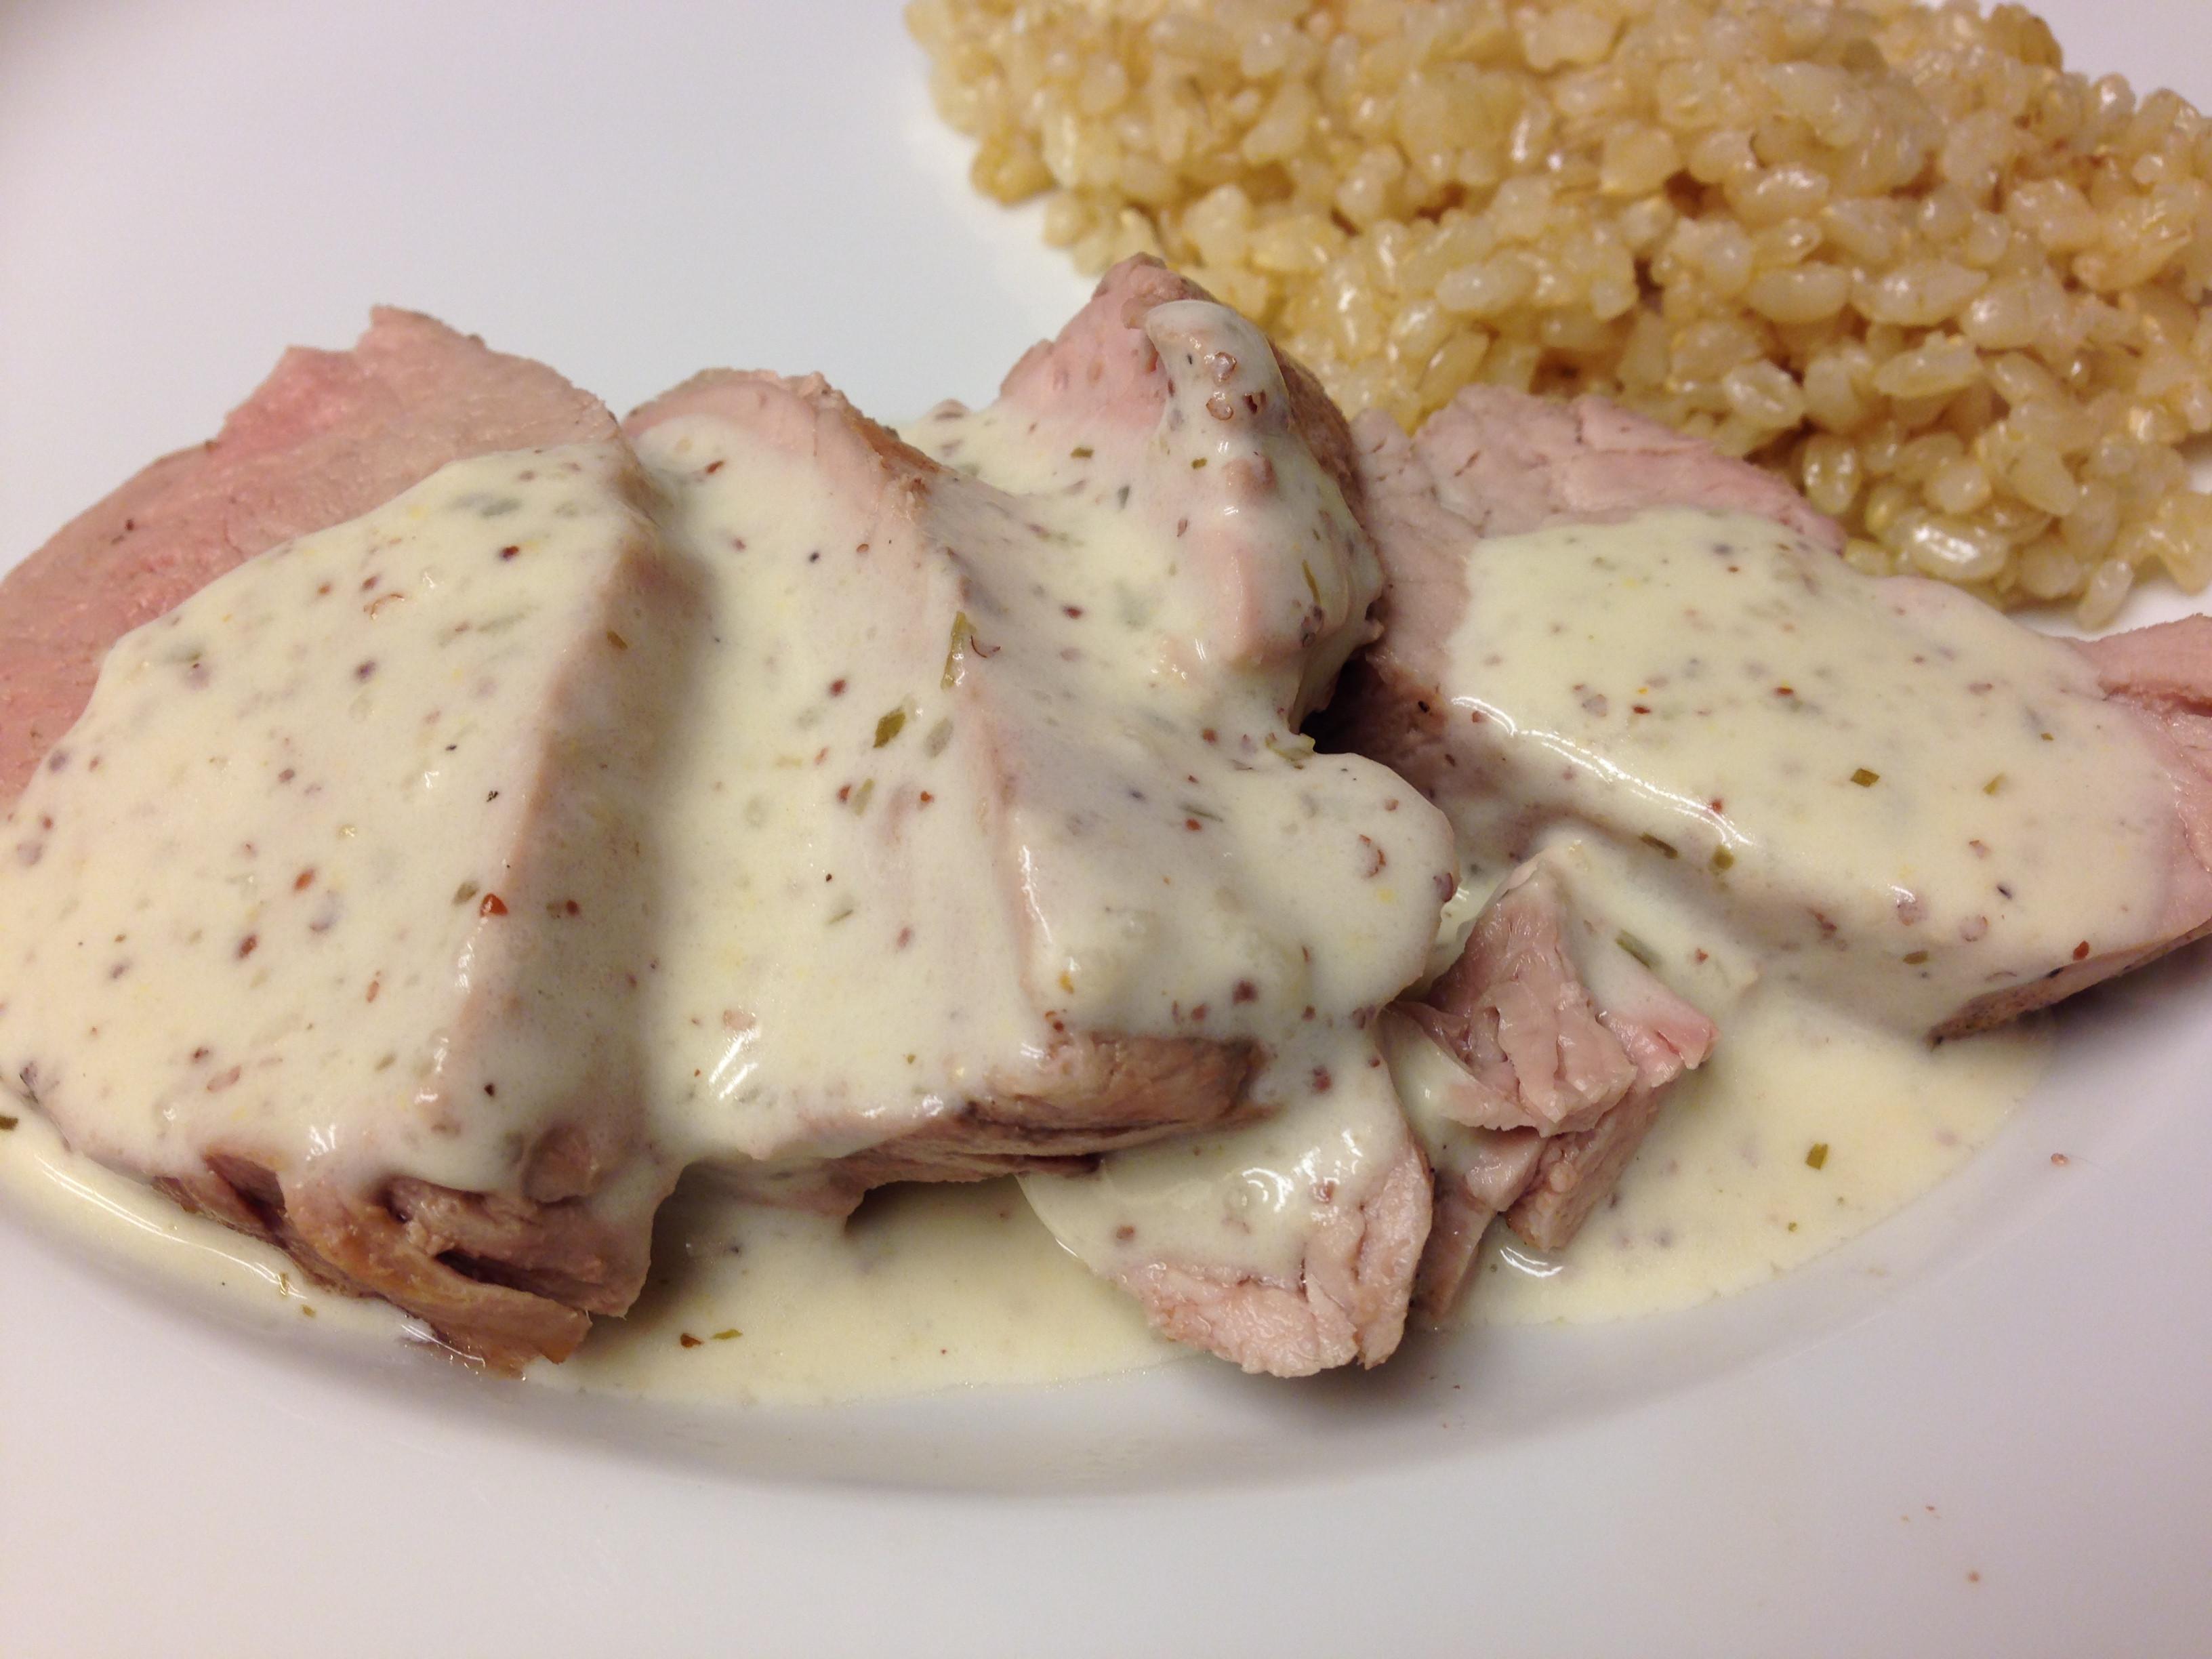 Easy Sauces For Pork Tenderloin  Pork Tenderloin with Tarragon Mustard Sauce